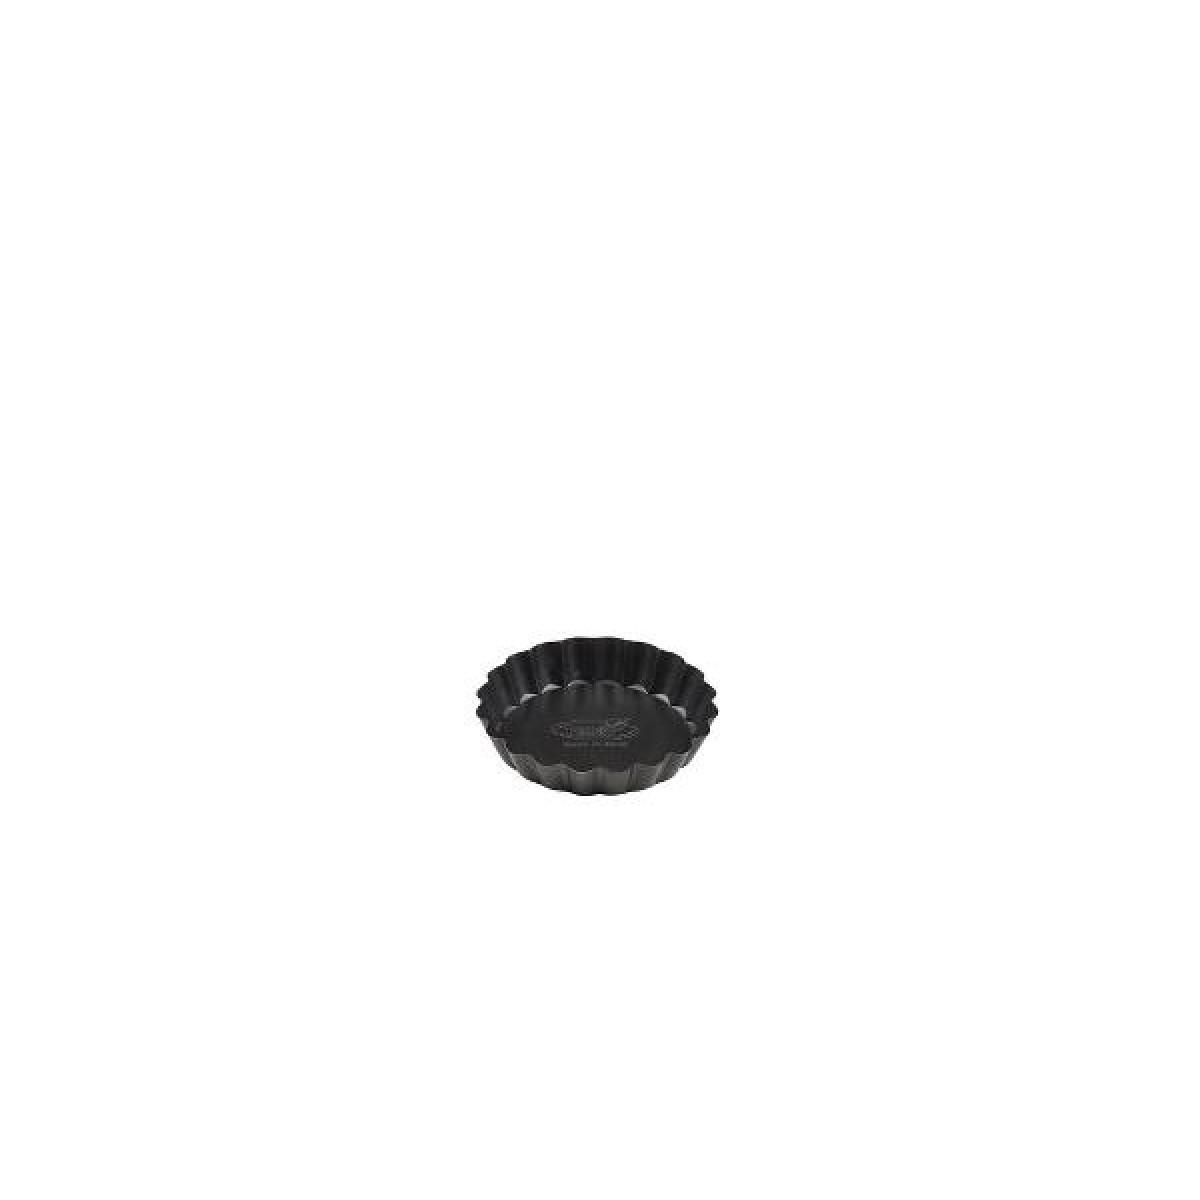 FUNKTION Tærteform m/ løs bund 10 cm